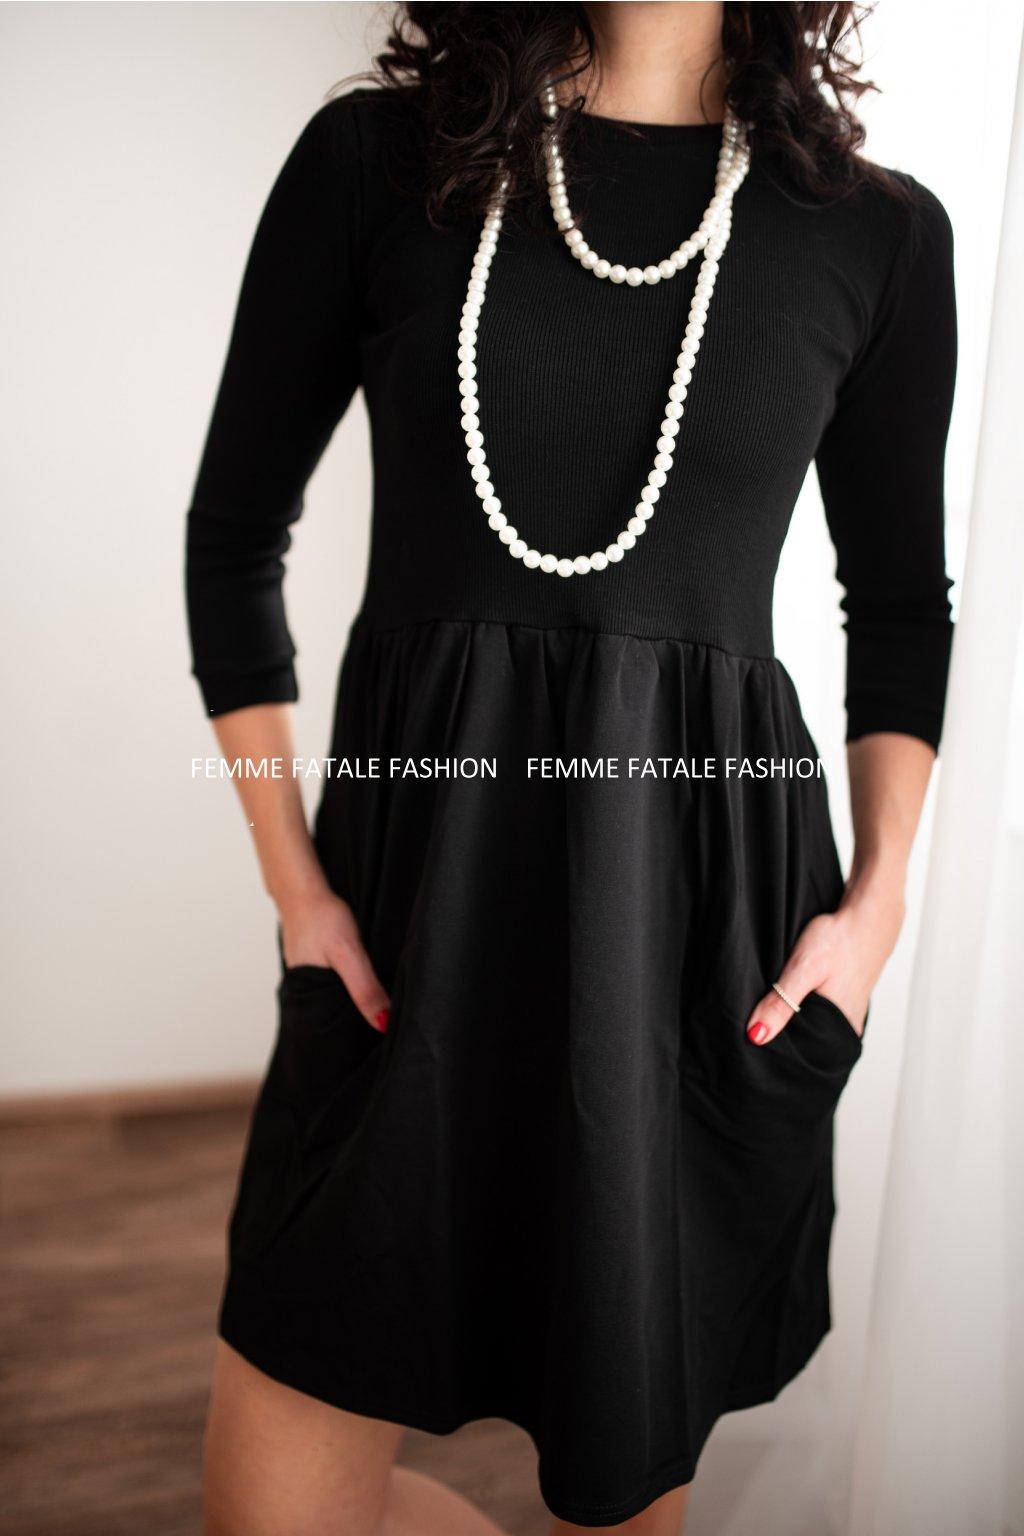 Podzimní dámské šaty NATALY femmefatalefashion (4)